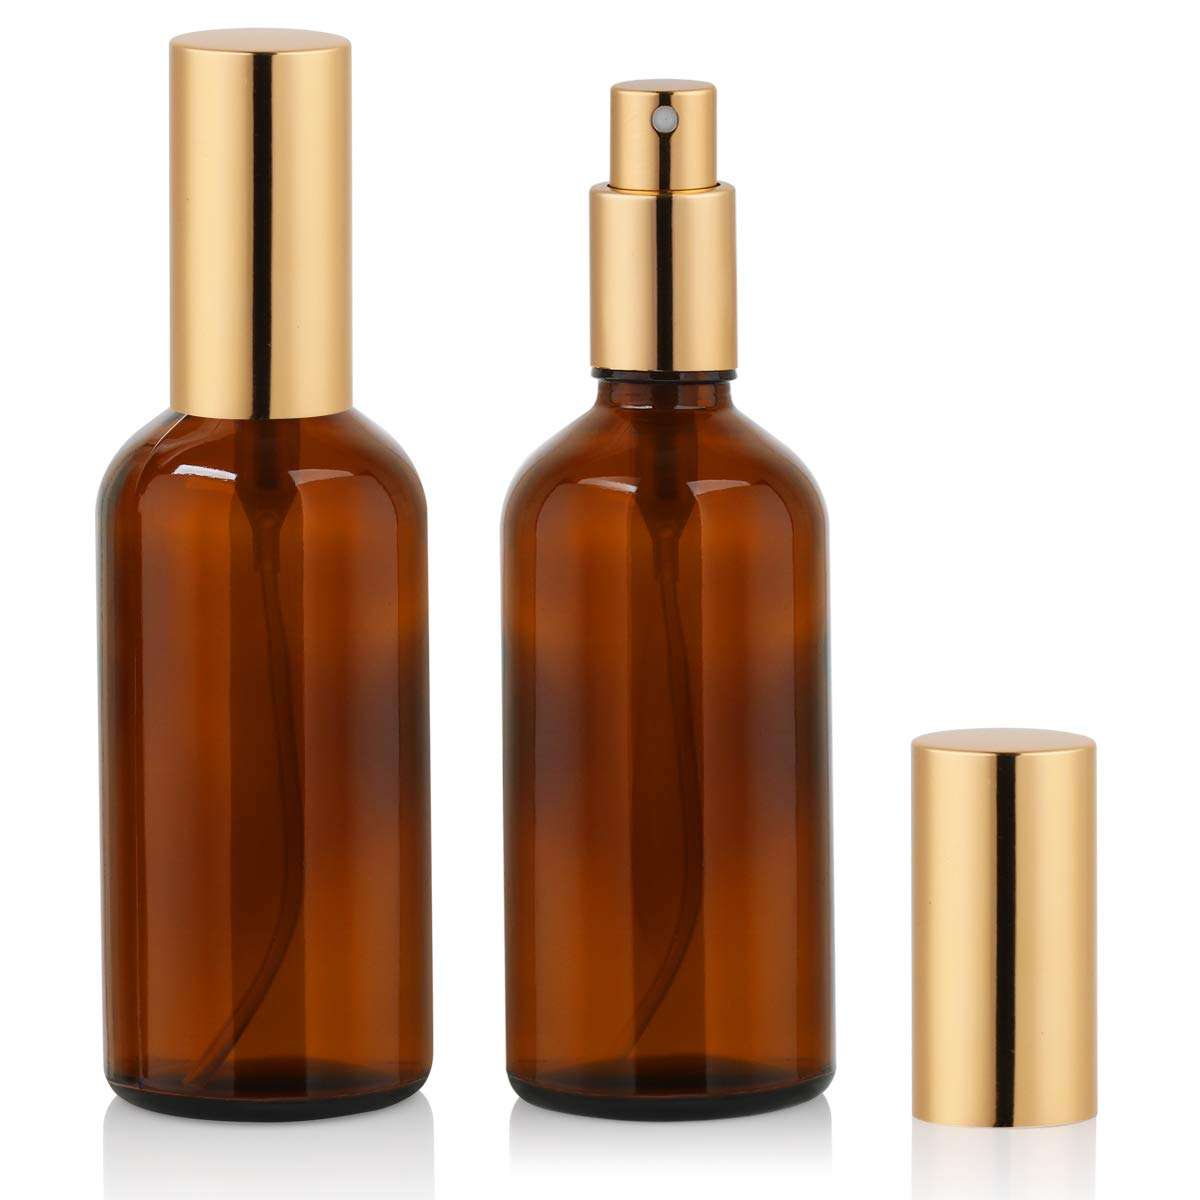 Amber Glass Spray Bottle 4oz for Cologne,Perfume,Essential Oils,Refillable Golden Fine Mist Spray Bottle (2 PACK)